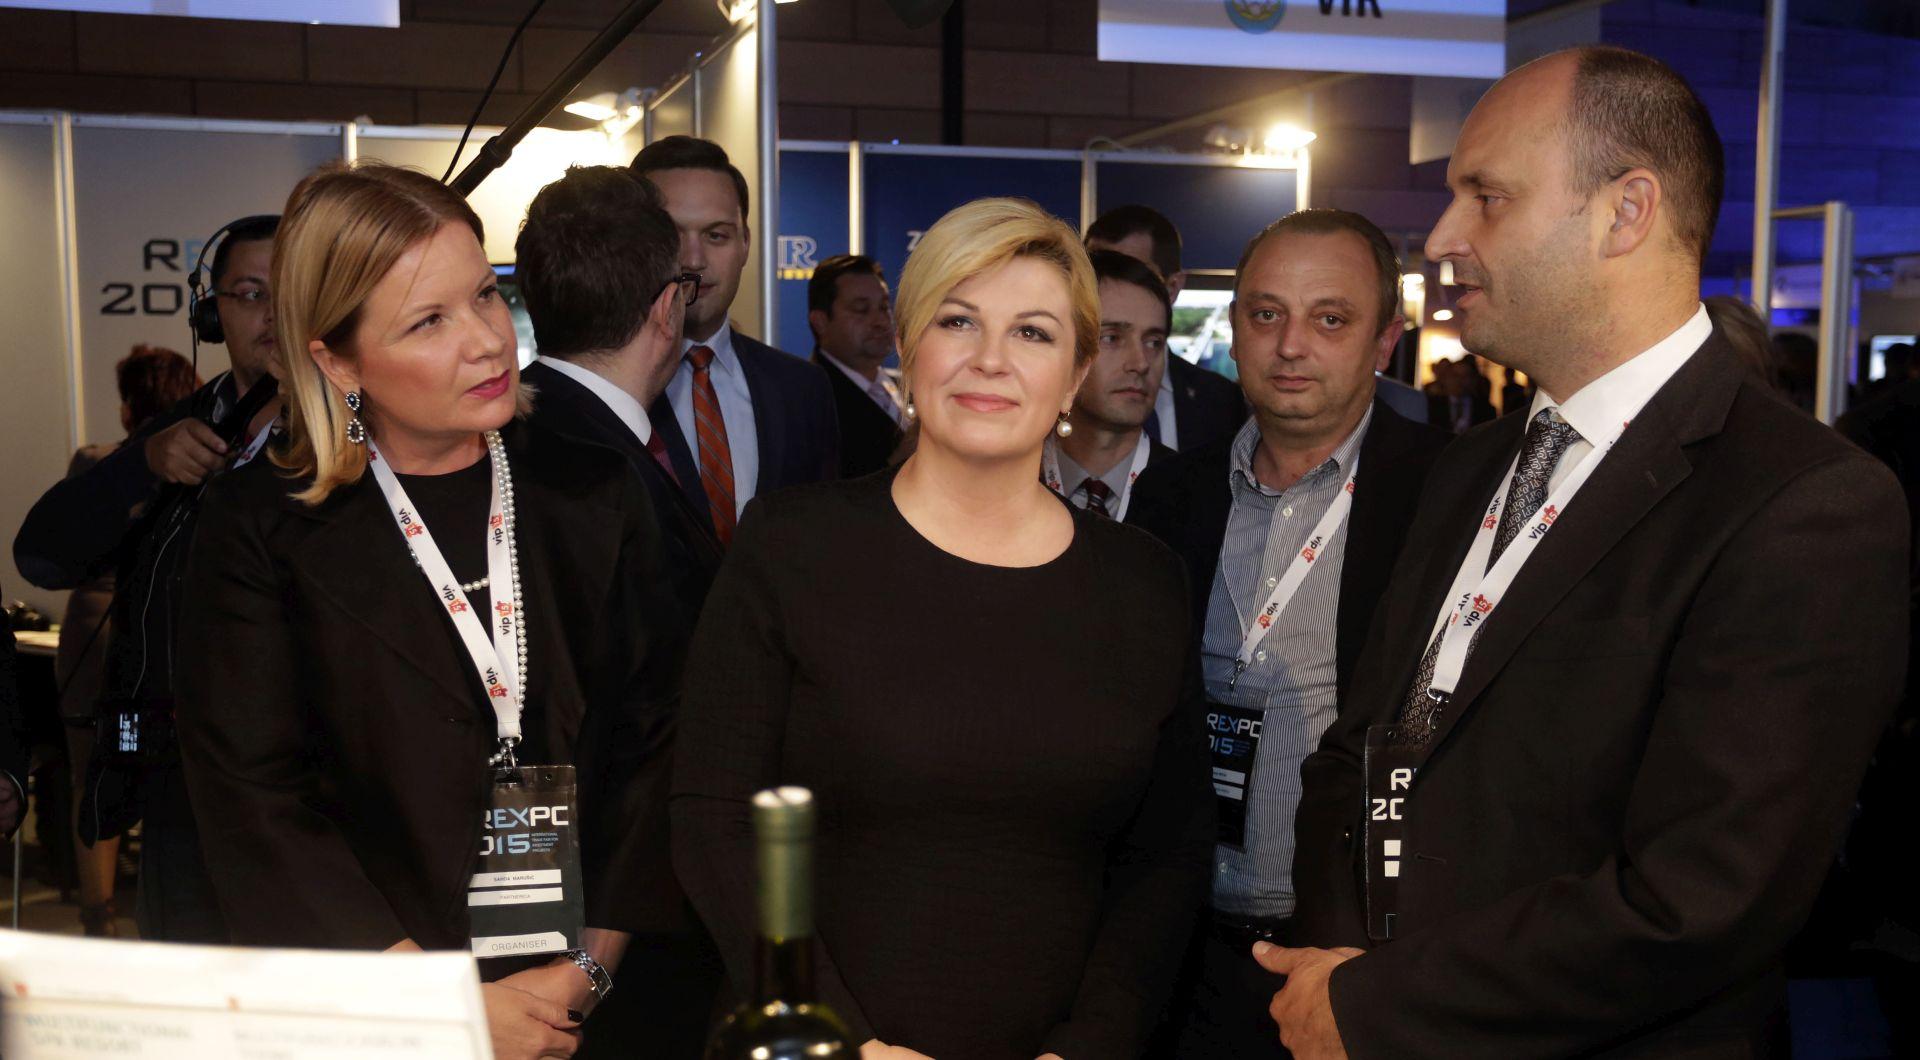 Predsjednica Grabar-Kitarović obišla Rexpo